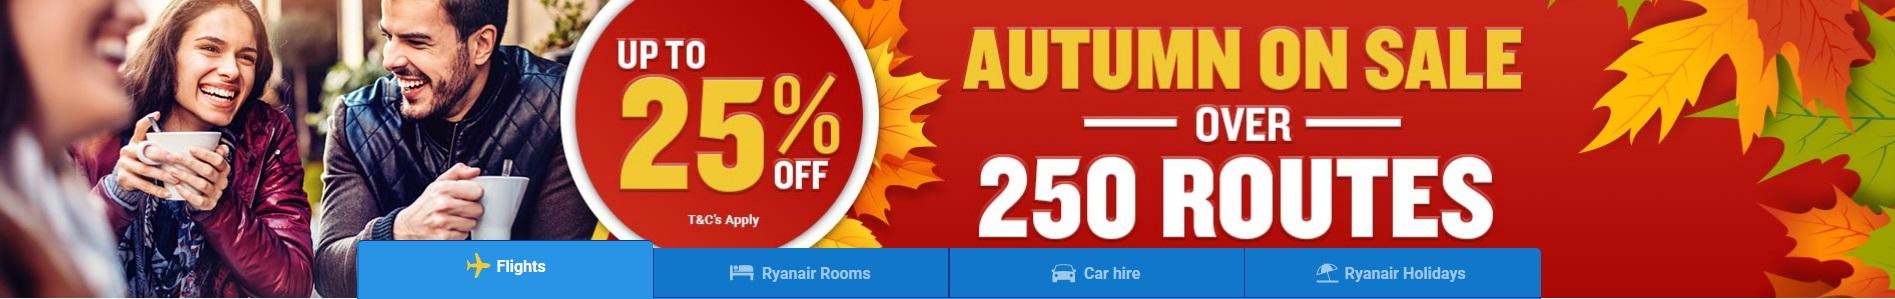 autumn-sale-ryanair